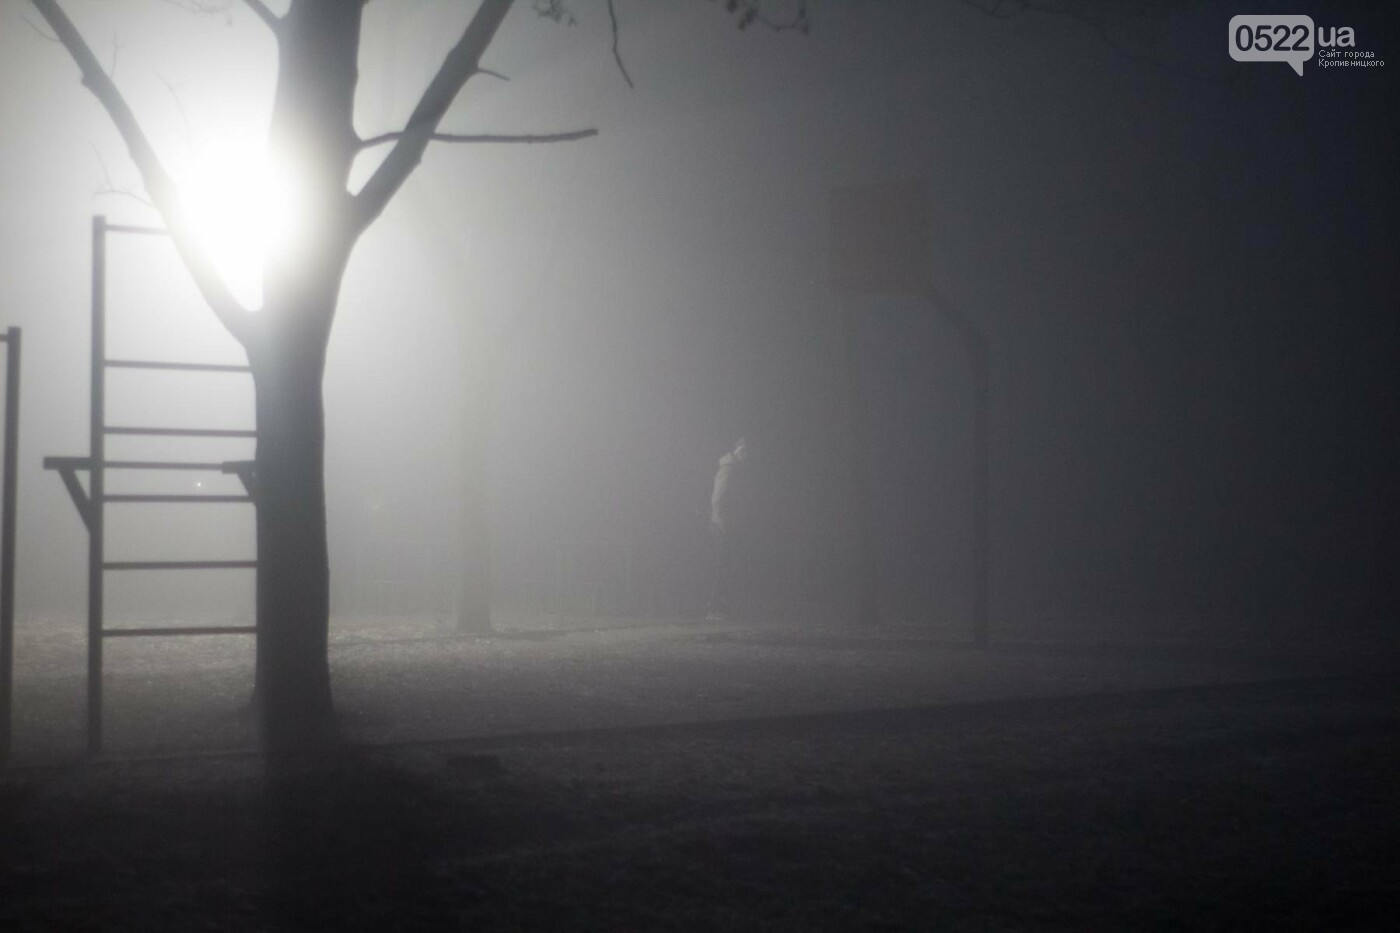 Зранку Кропивницький оповив густий туман. Фото, фото-6